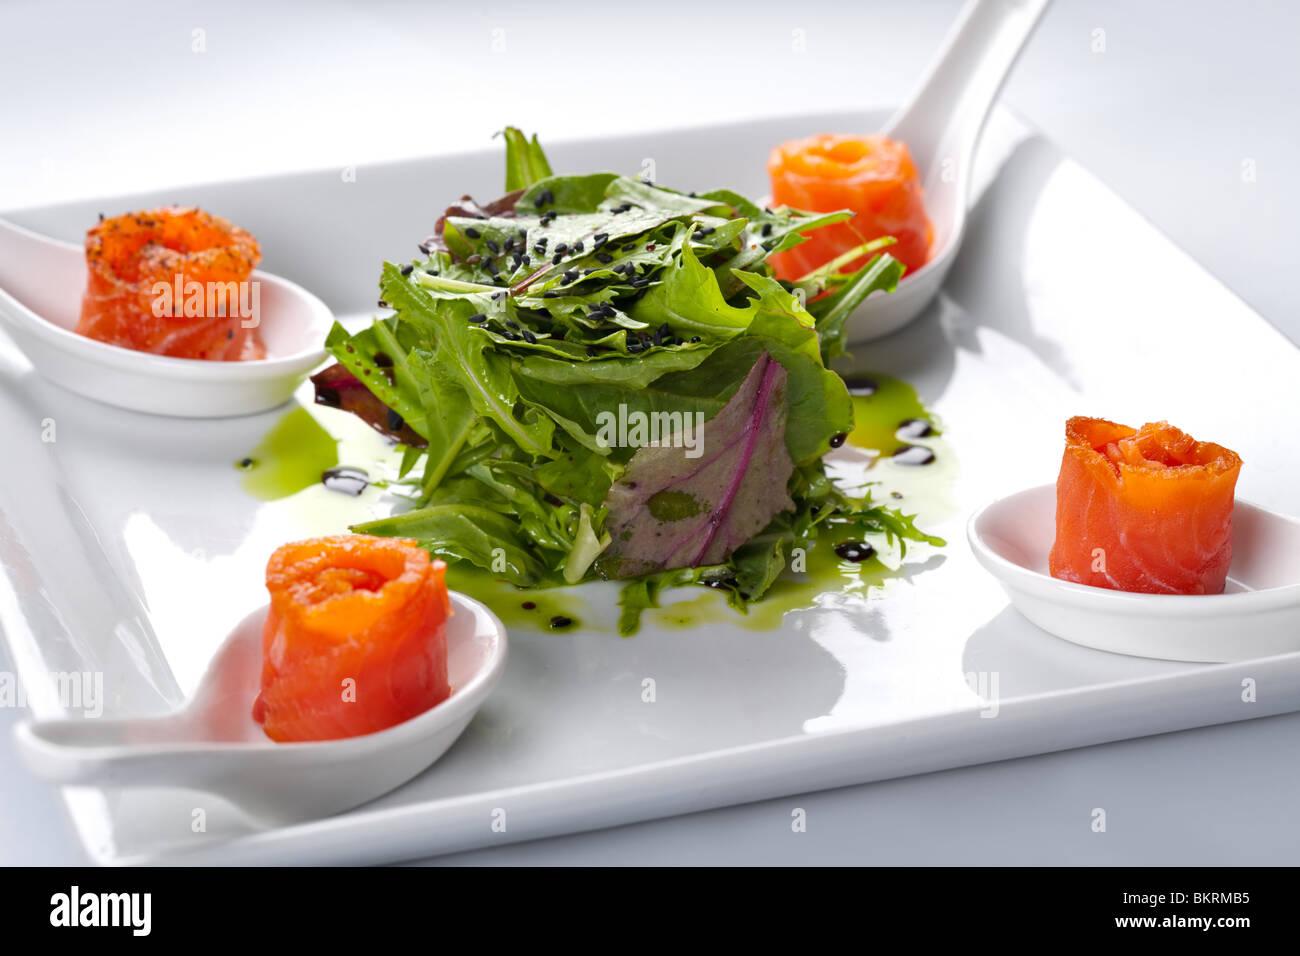 Lachs in einem weißen Teller. In der Mitte Rucola Salat. Stockbild